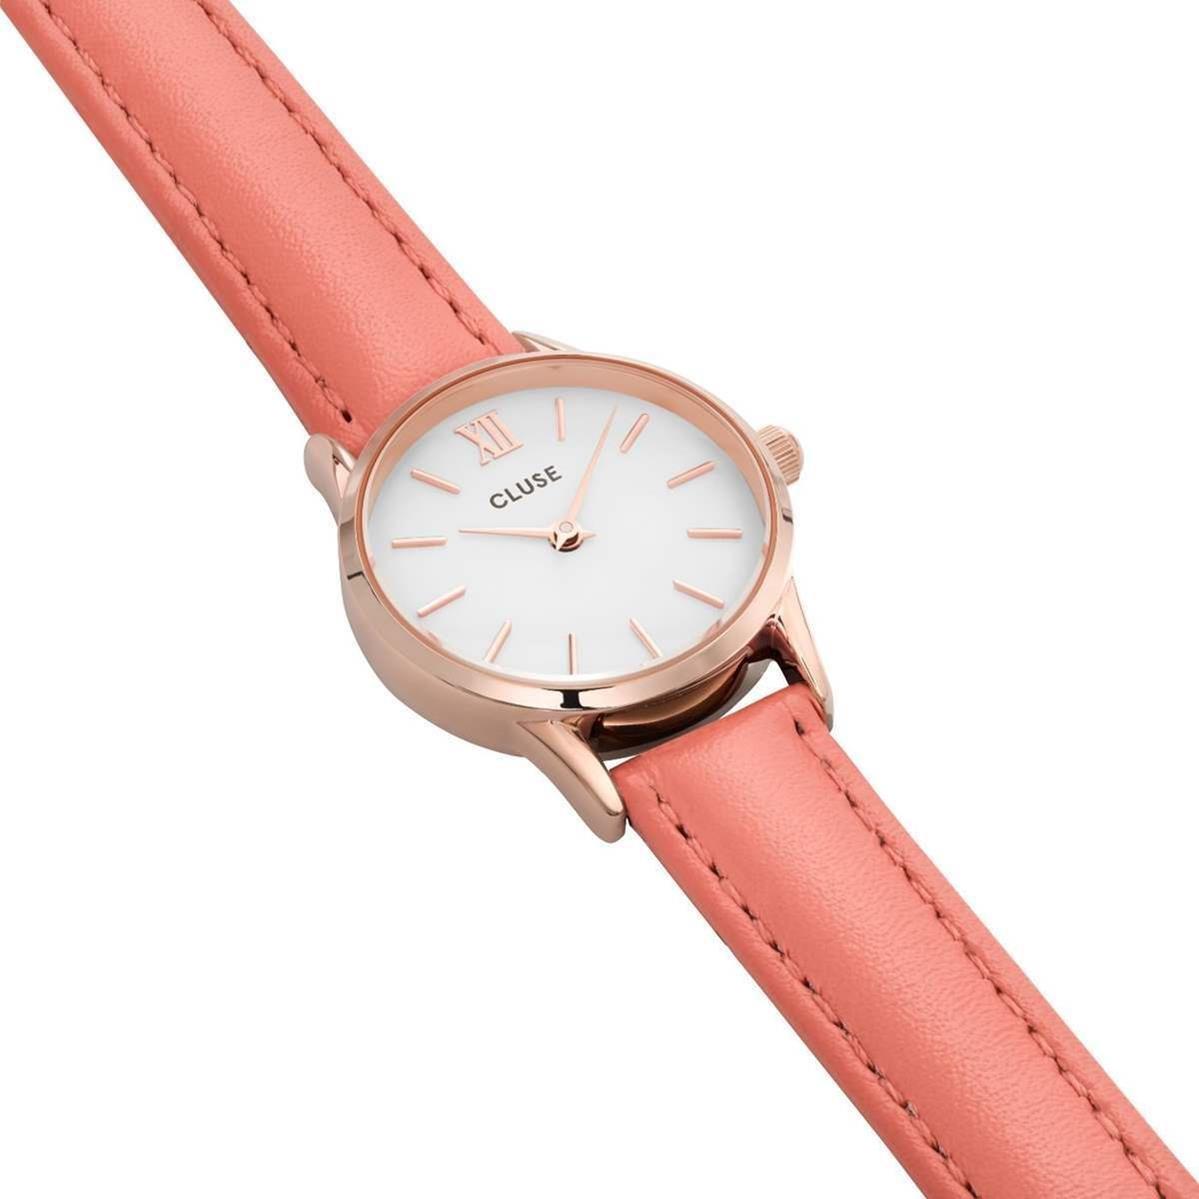 Cluse Reloj Analogico para Mujer de con Correa en Cuero CL50025: Cluse: Amazon.es: Relojes